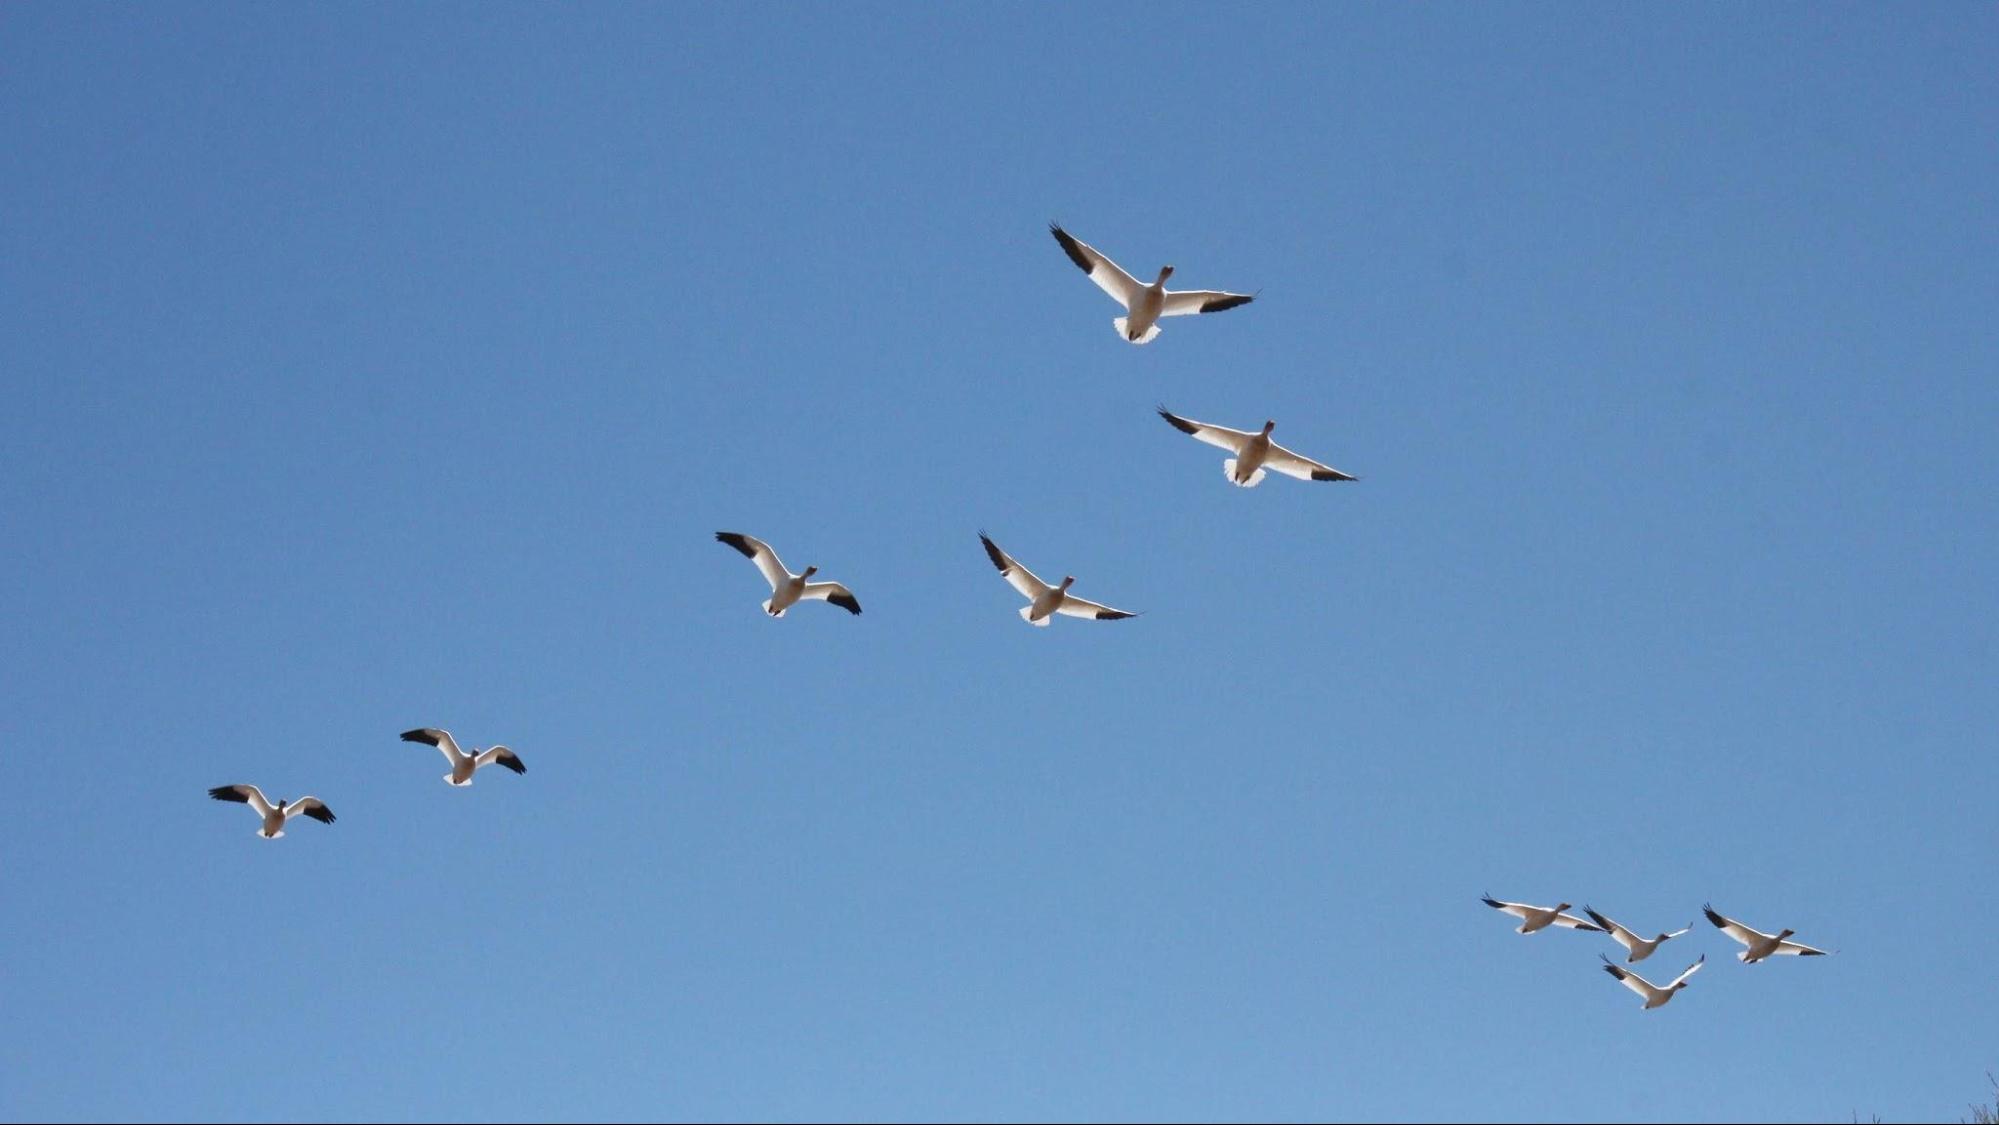 ガイドブックに載ってない100万羽のガチョウが見れるケベックの公園って?